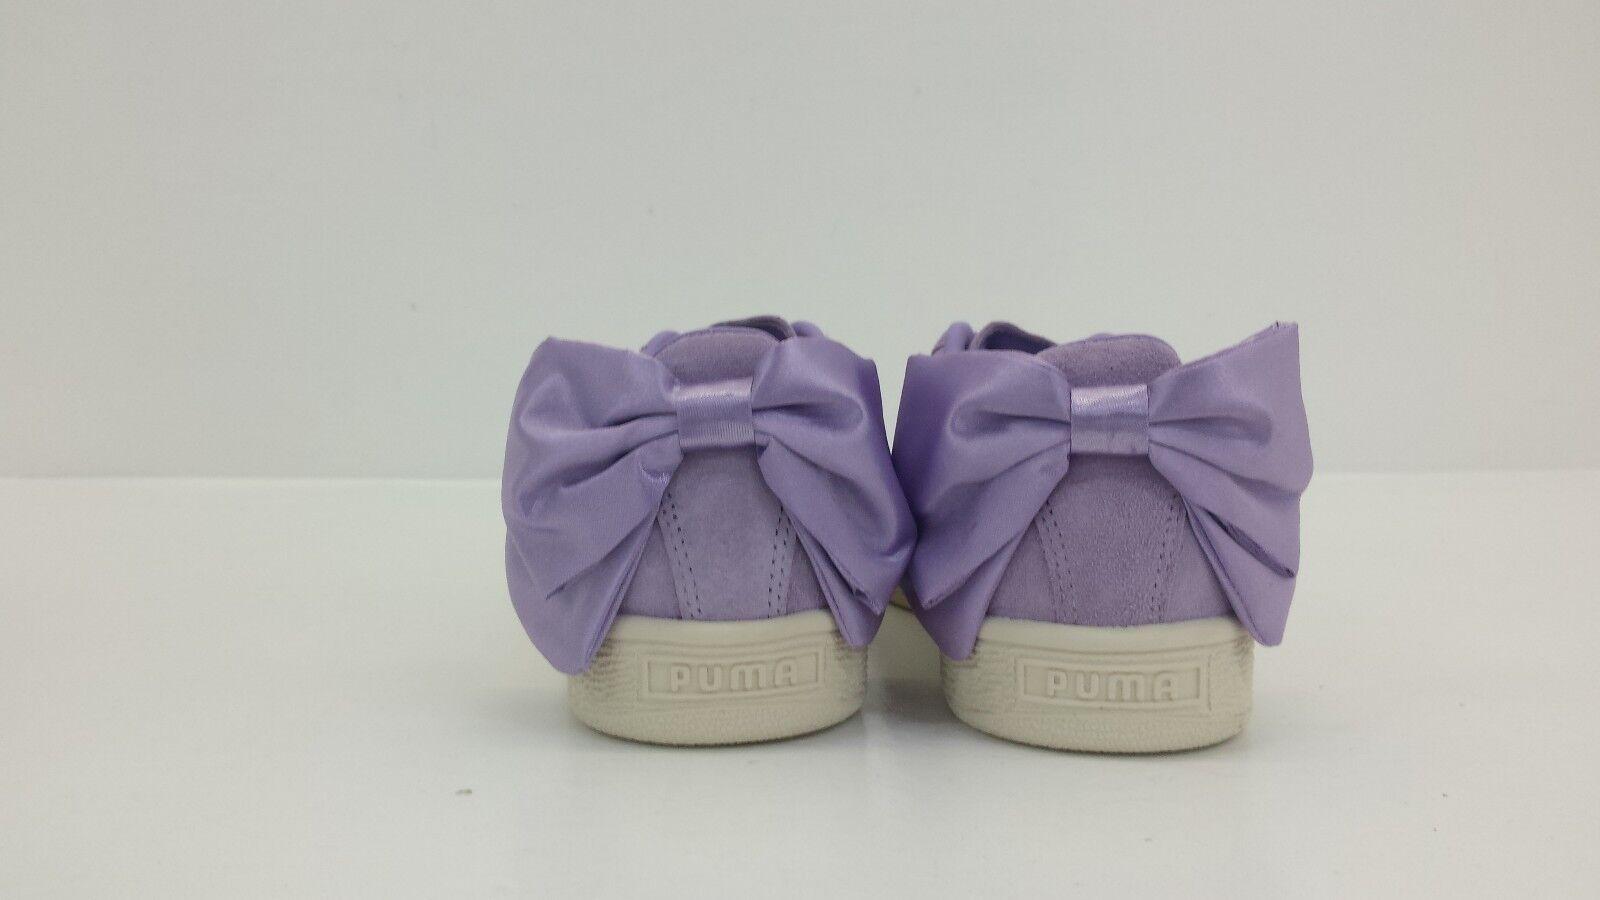 Puma Damens Damens Puma Suede Bow Purple Rose 367317 05 - BRAND NEW IN BOX 90130f